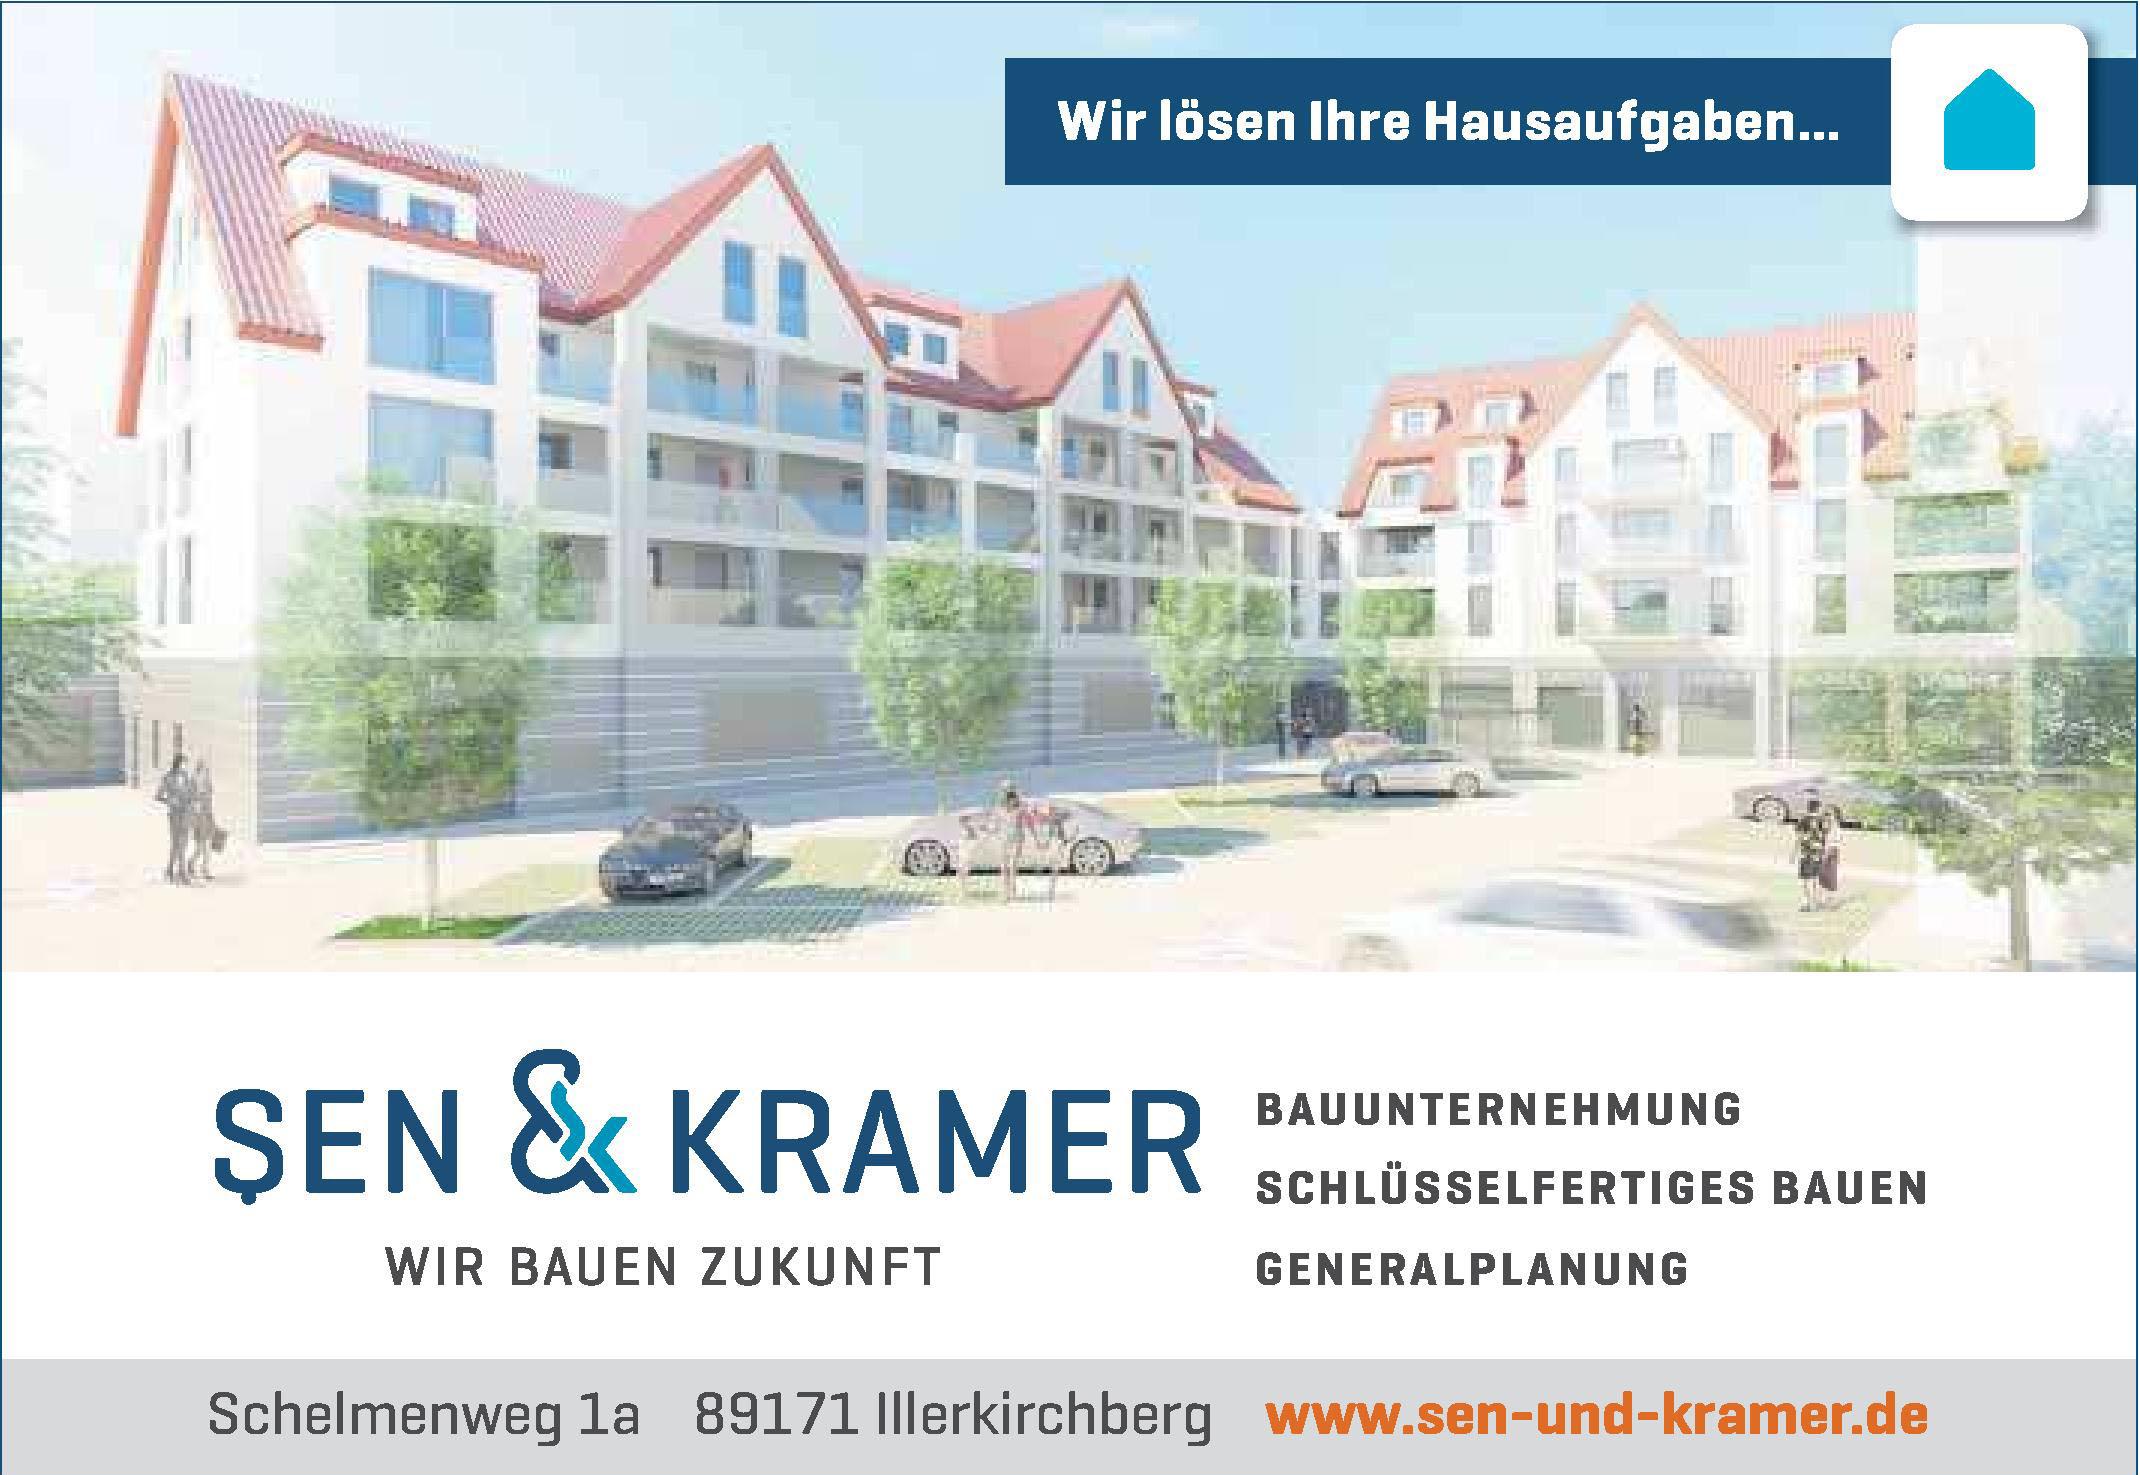 Sen & Kramer